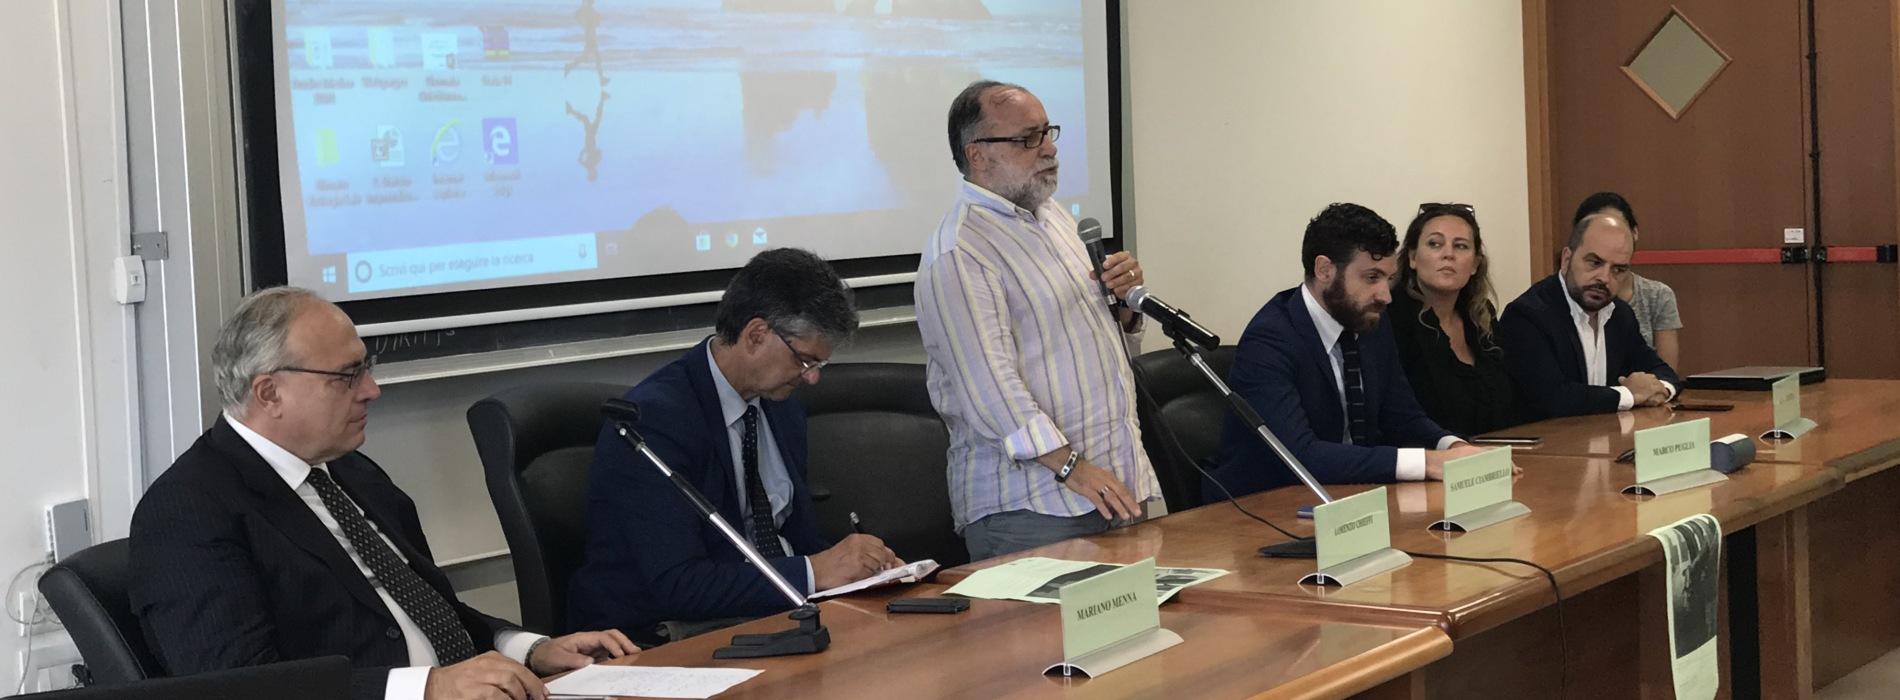 Università Vanvitelli. Il garante dei detenuti a giurisprudenza